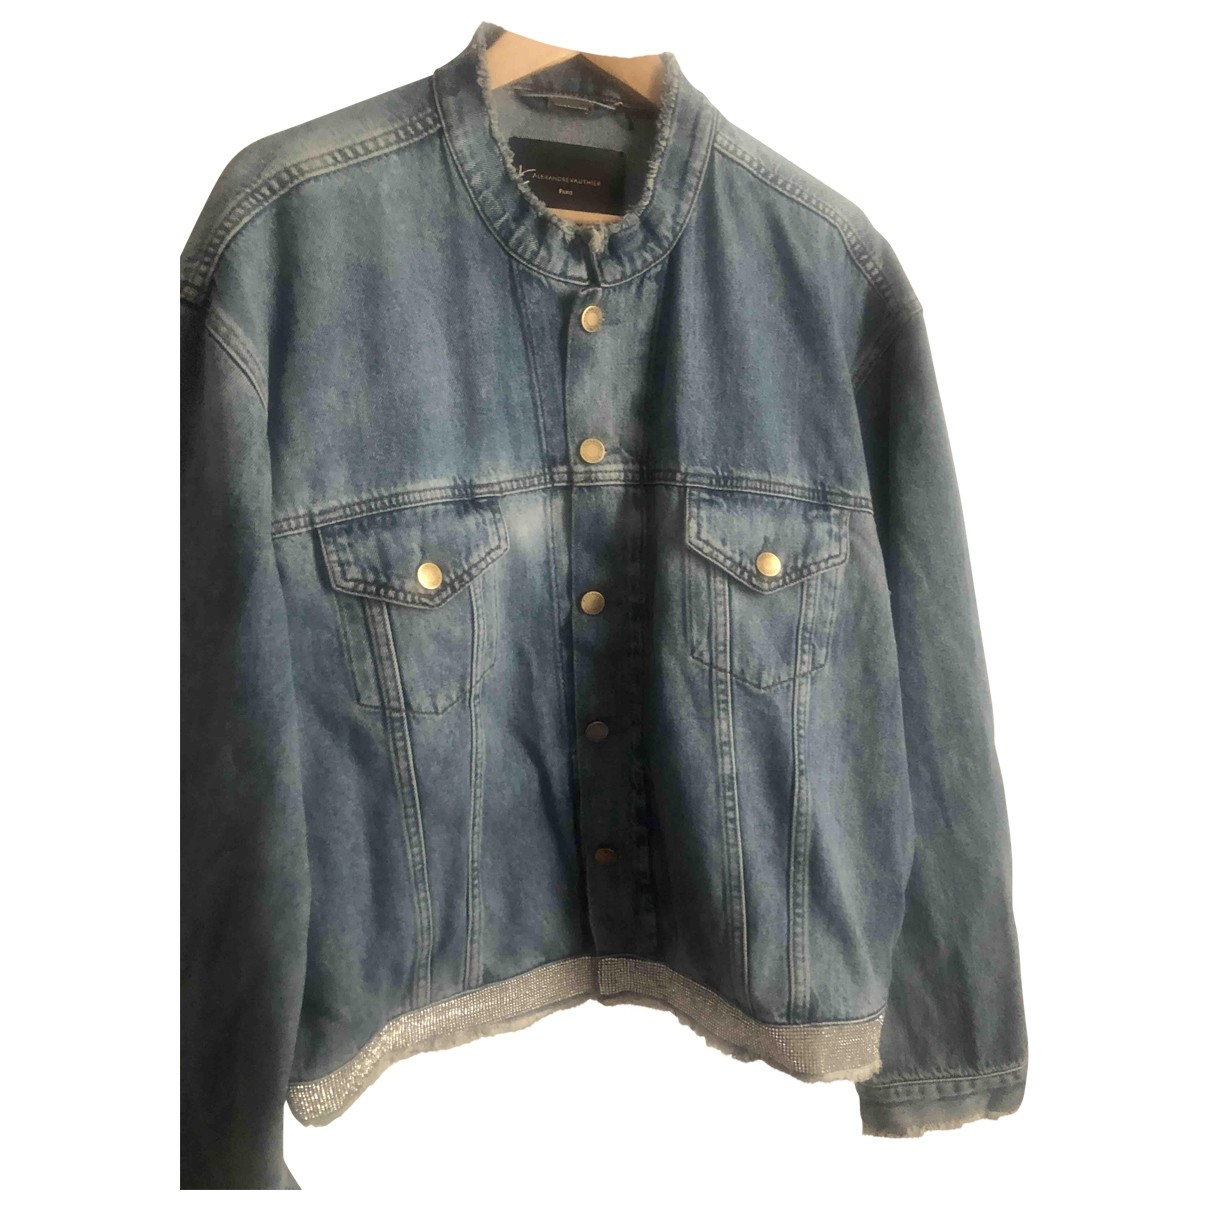 Alexandre Vauthier \N Jacke in  Blau Denim - Jeans